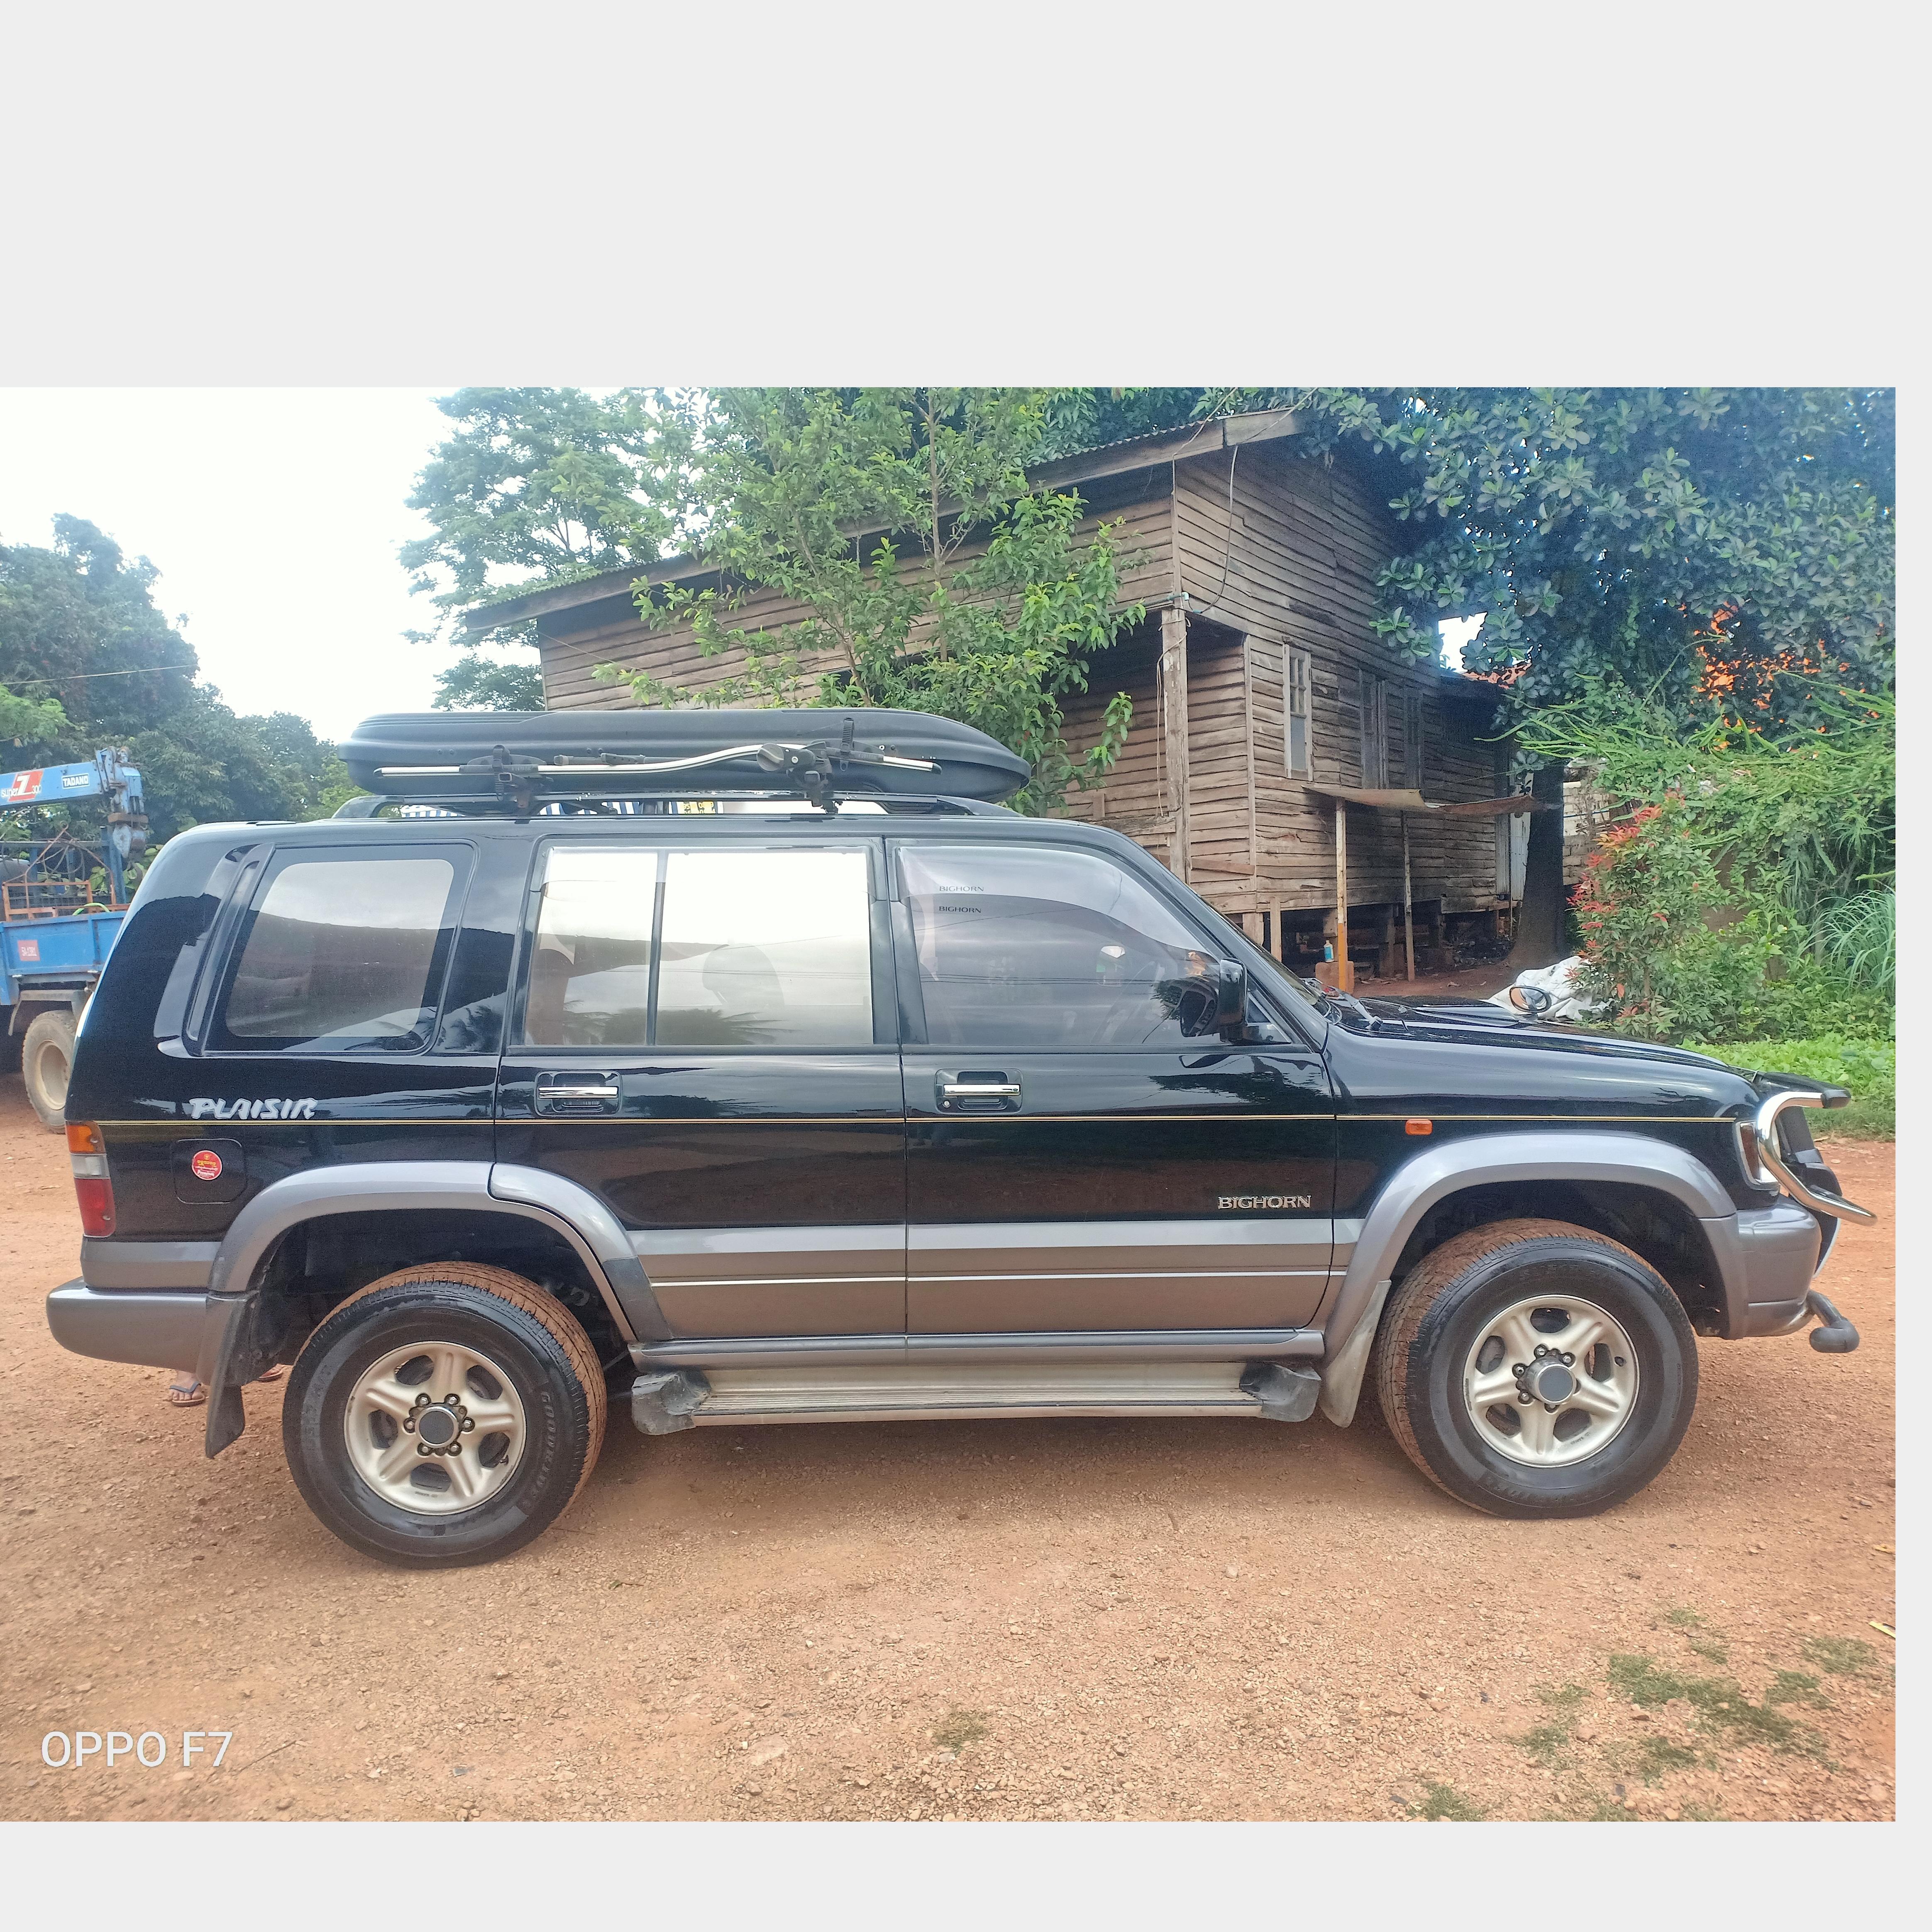 Isuzu Other 1999  Image, 4x4/SUV classified, Myanmar marketplace, Myanmarkt